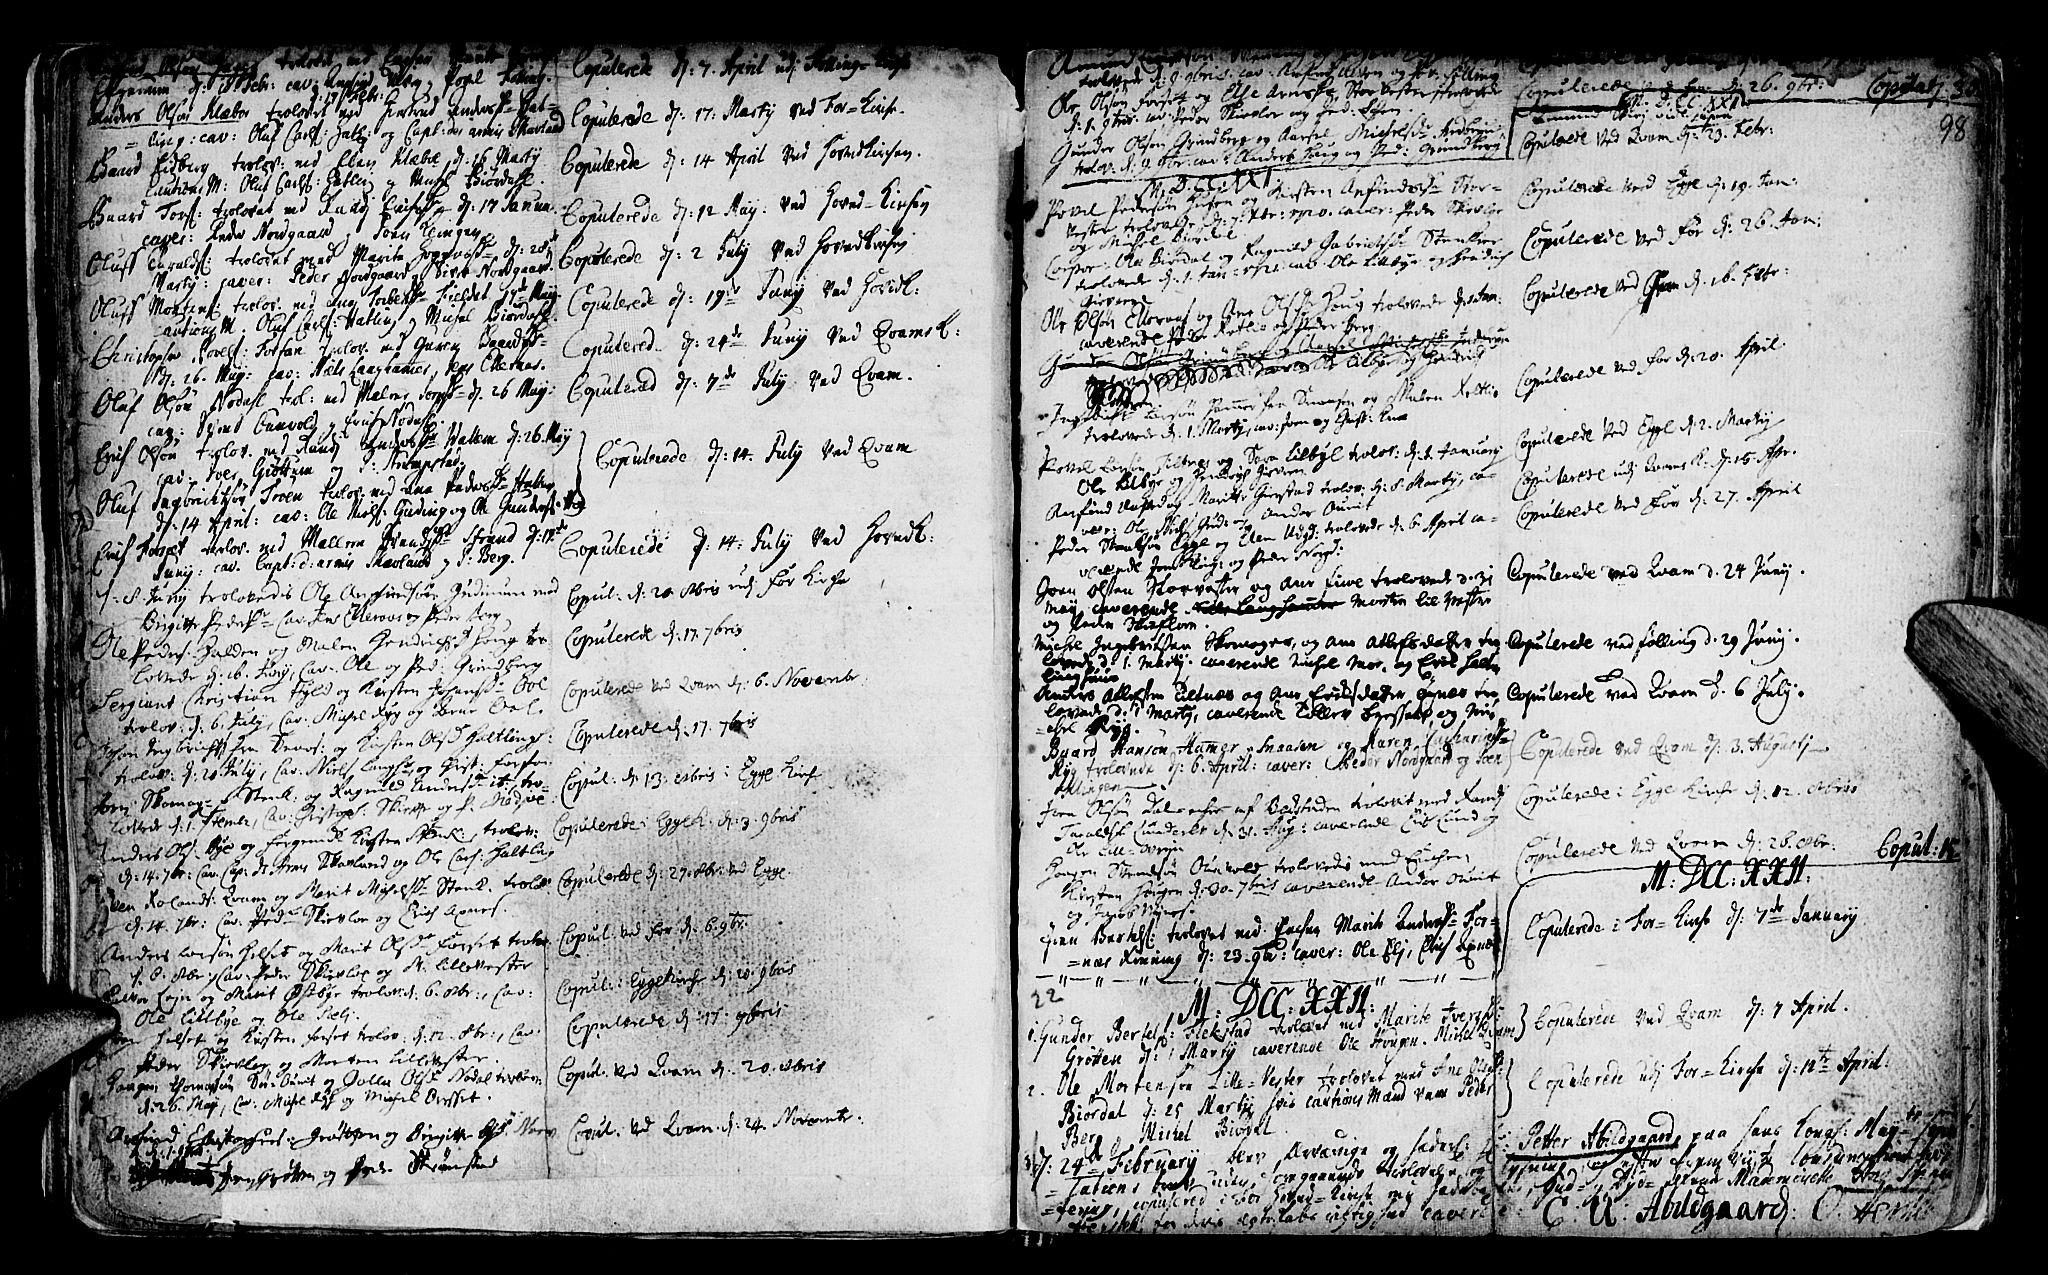 SAT, Ministerialprotokoller, klokkerbøker og fødselsregistre - Nord-Trøndelag, 746/L0439: Ministerialbok nr. 746A01, 1688-1759, s. 98